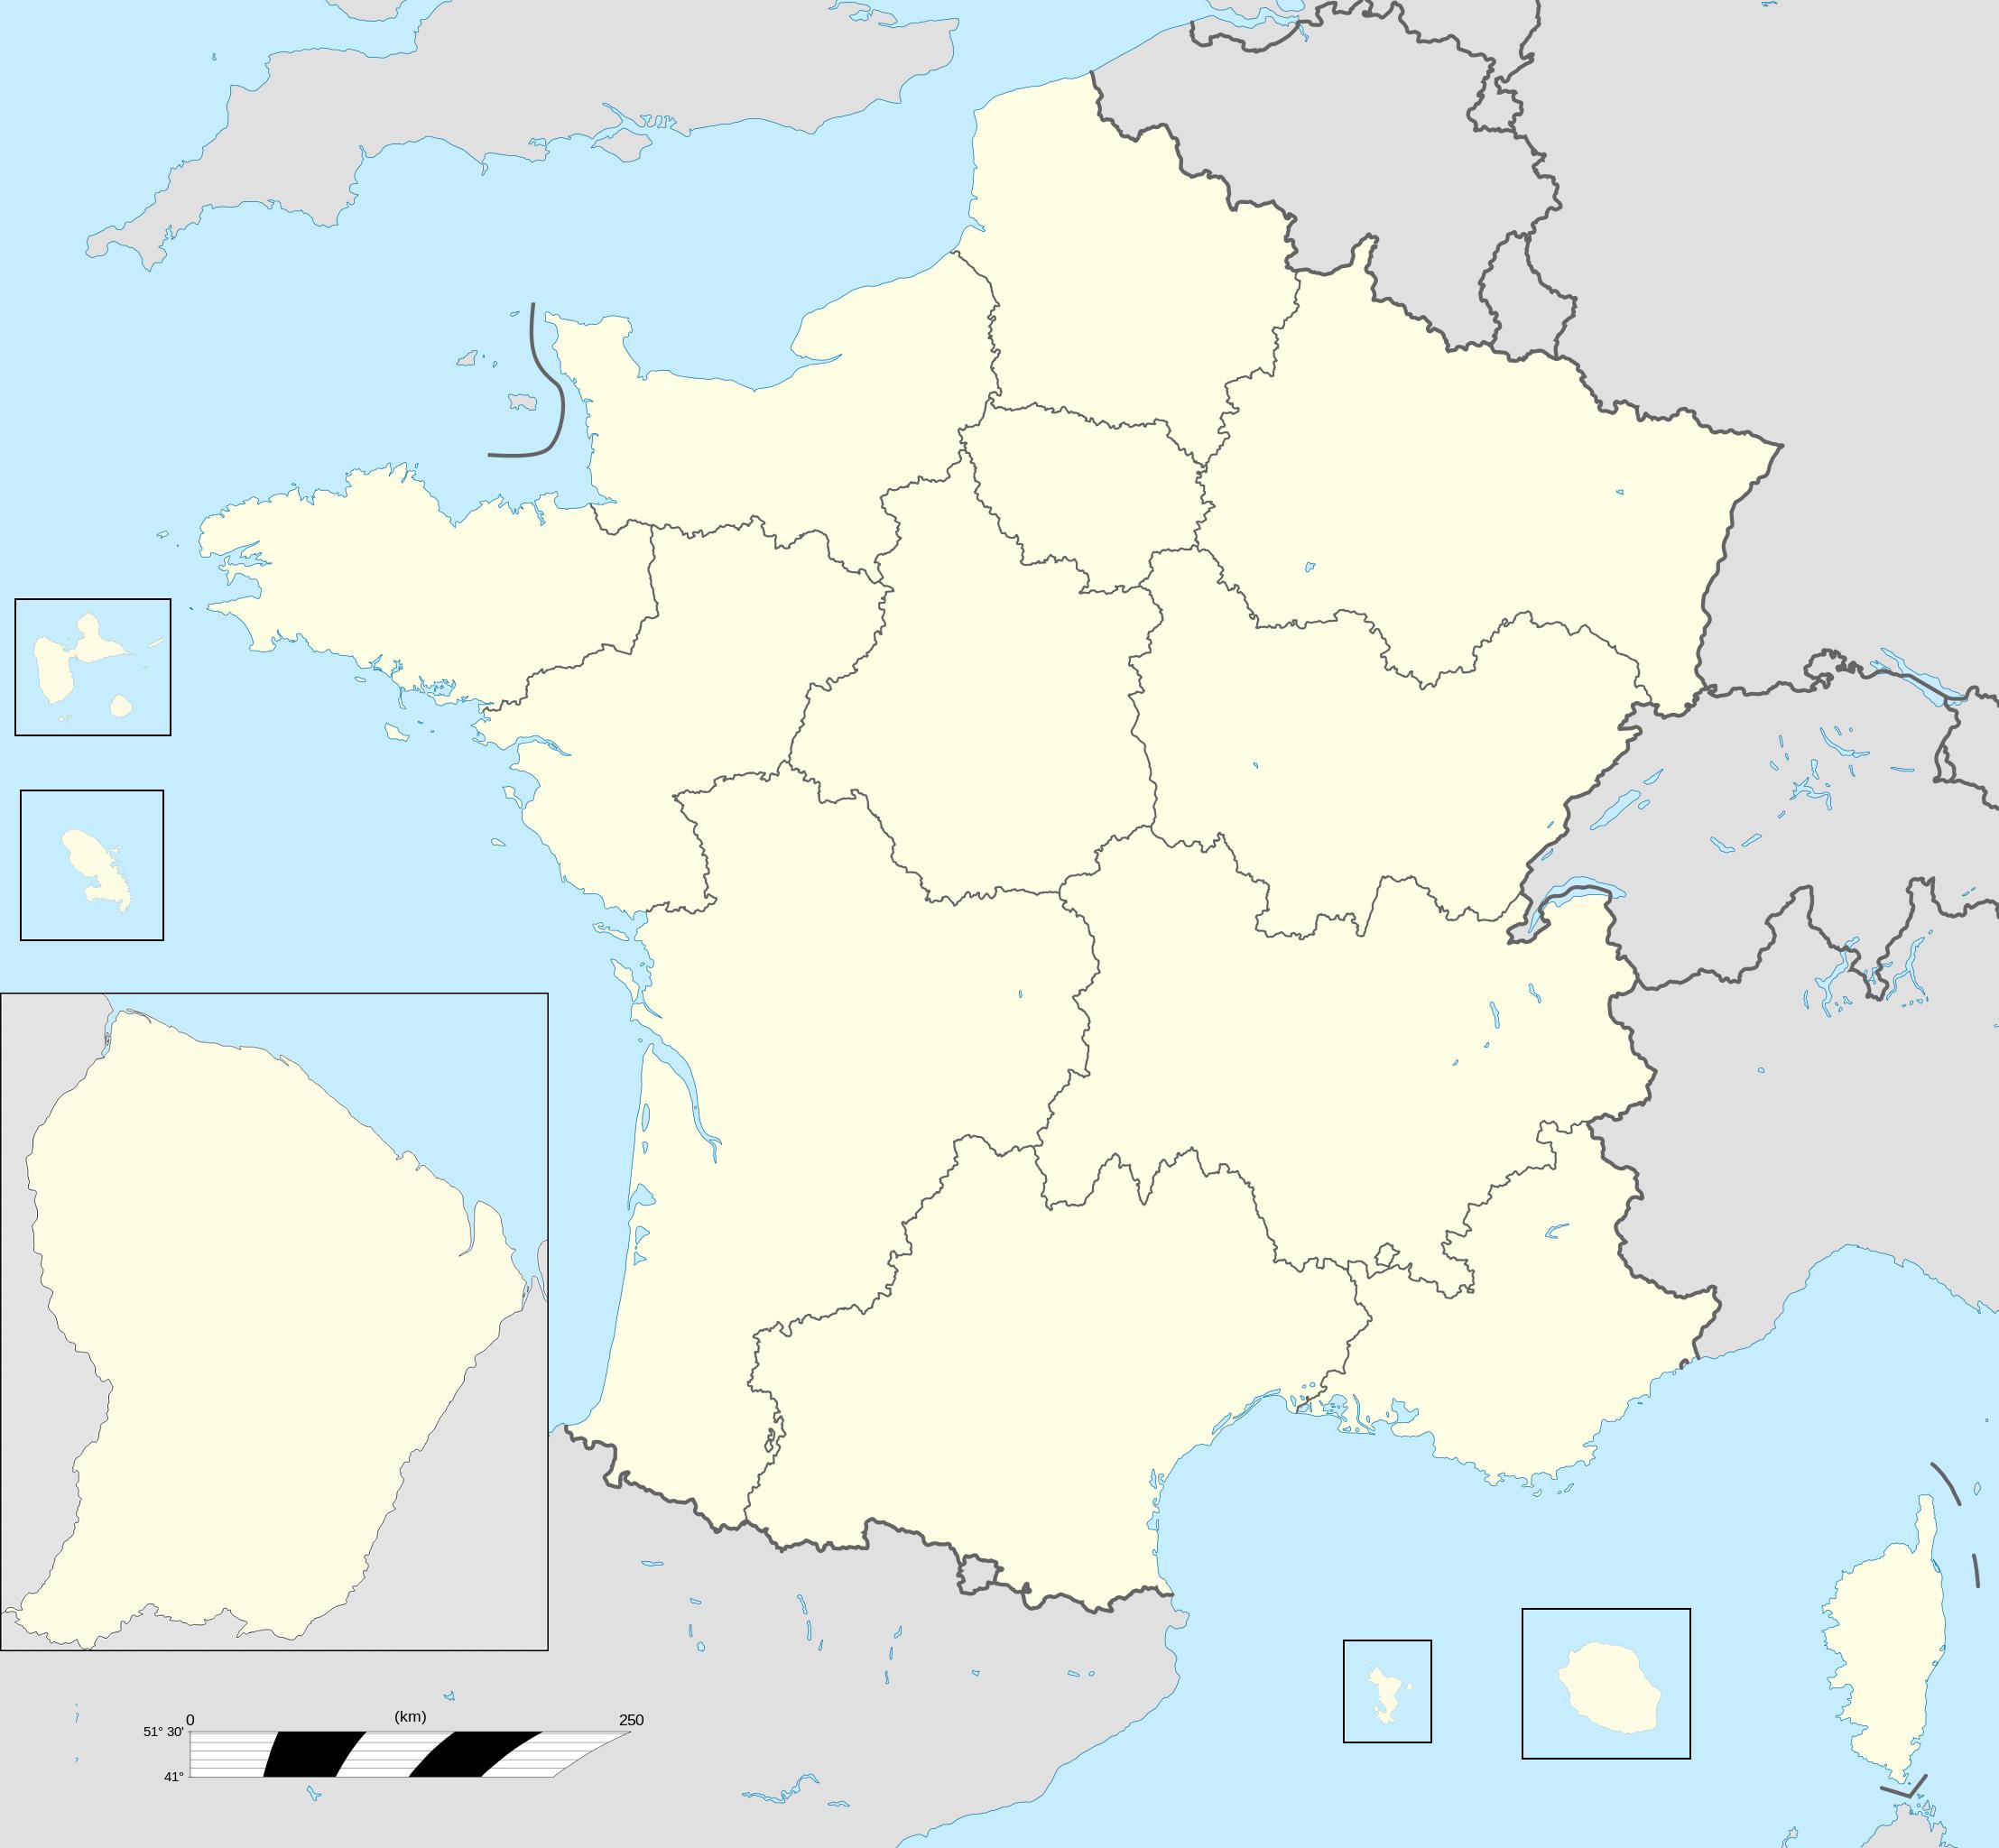 Fransa'nın Bölgeleri - Vikipedi intérieur Departement 22 Region